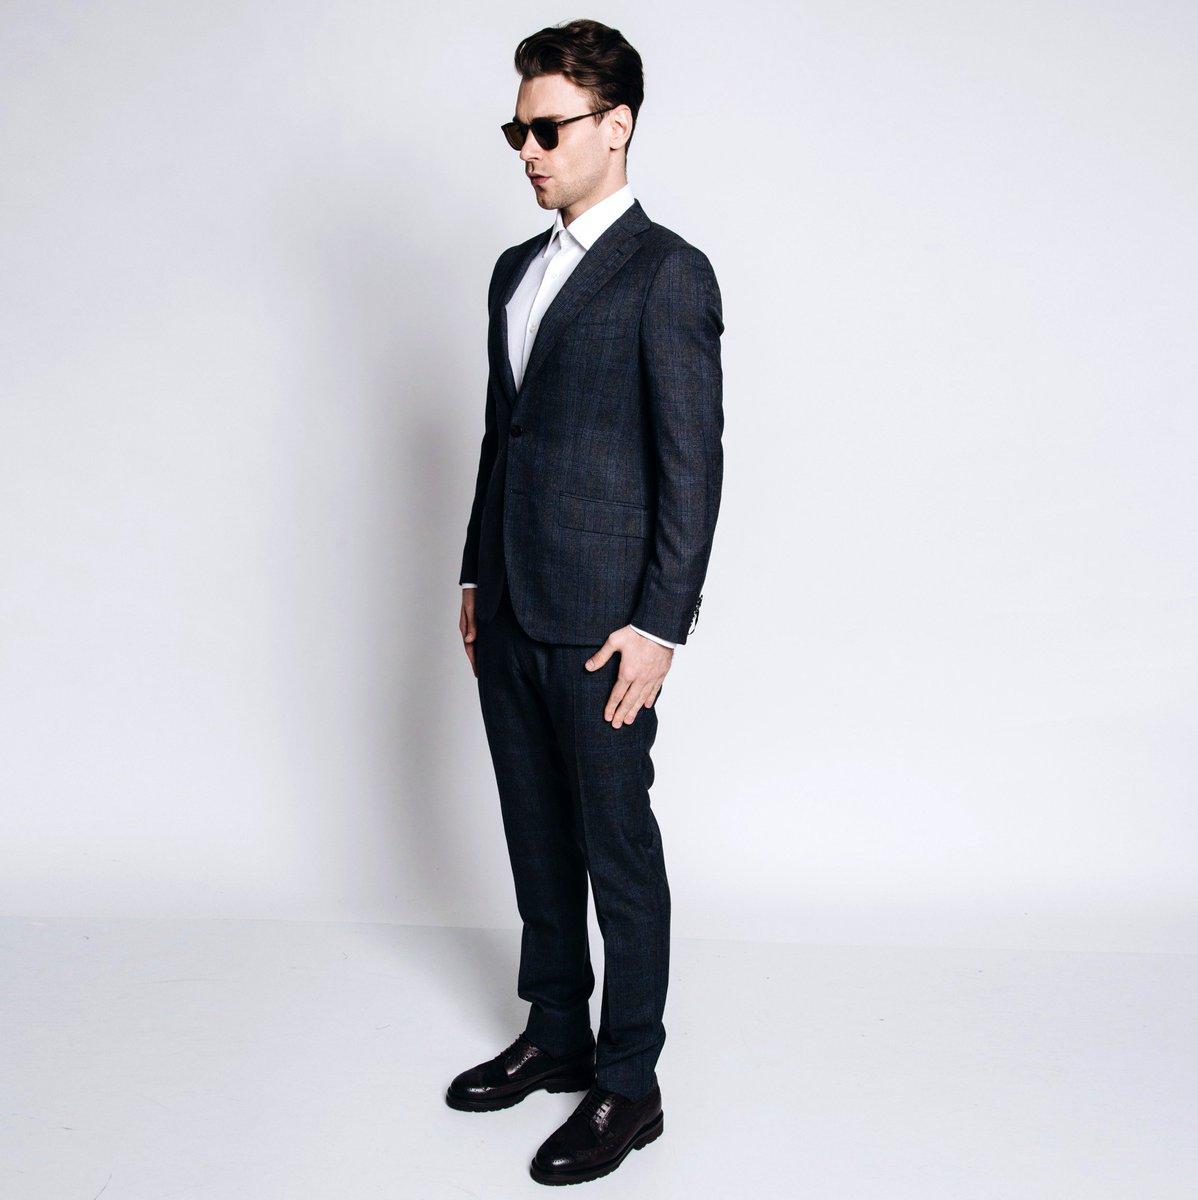 На модели – костюм Tonello, рубашка Barba Napoli, обувь Brunello Cucinelli. Купить онлайн: https://t.co/C2X0K2qLmw https://t.co/xtbxEd1w9G